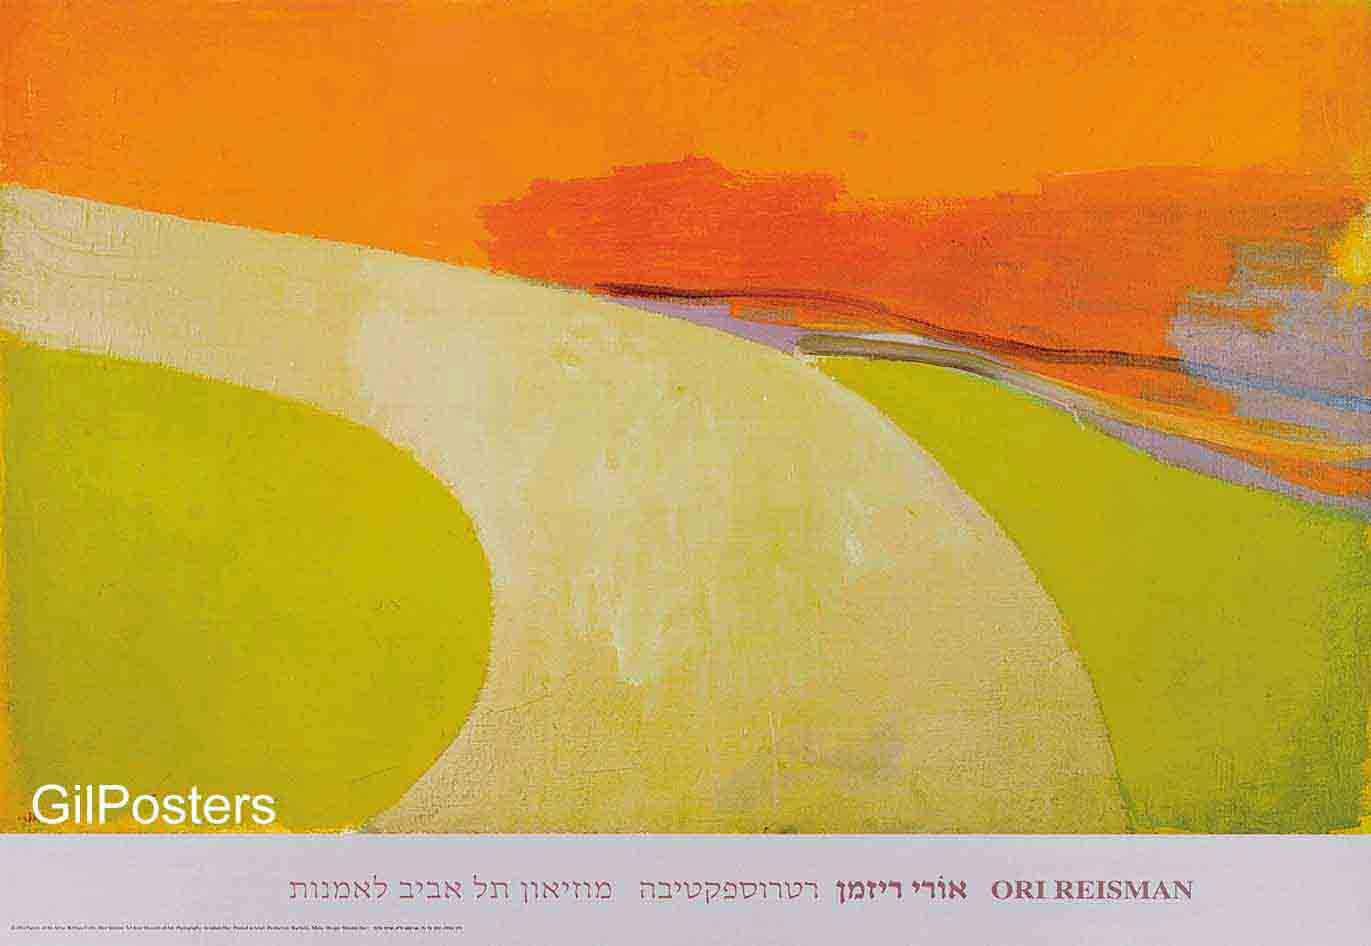 אורי ריזמןאמנות יהודית ישראלית מוזיאון תל אביב דרך בכפר נוף כפרי רטרוספקטיבה